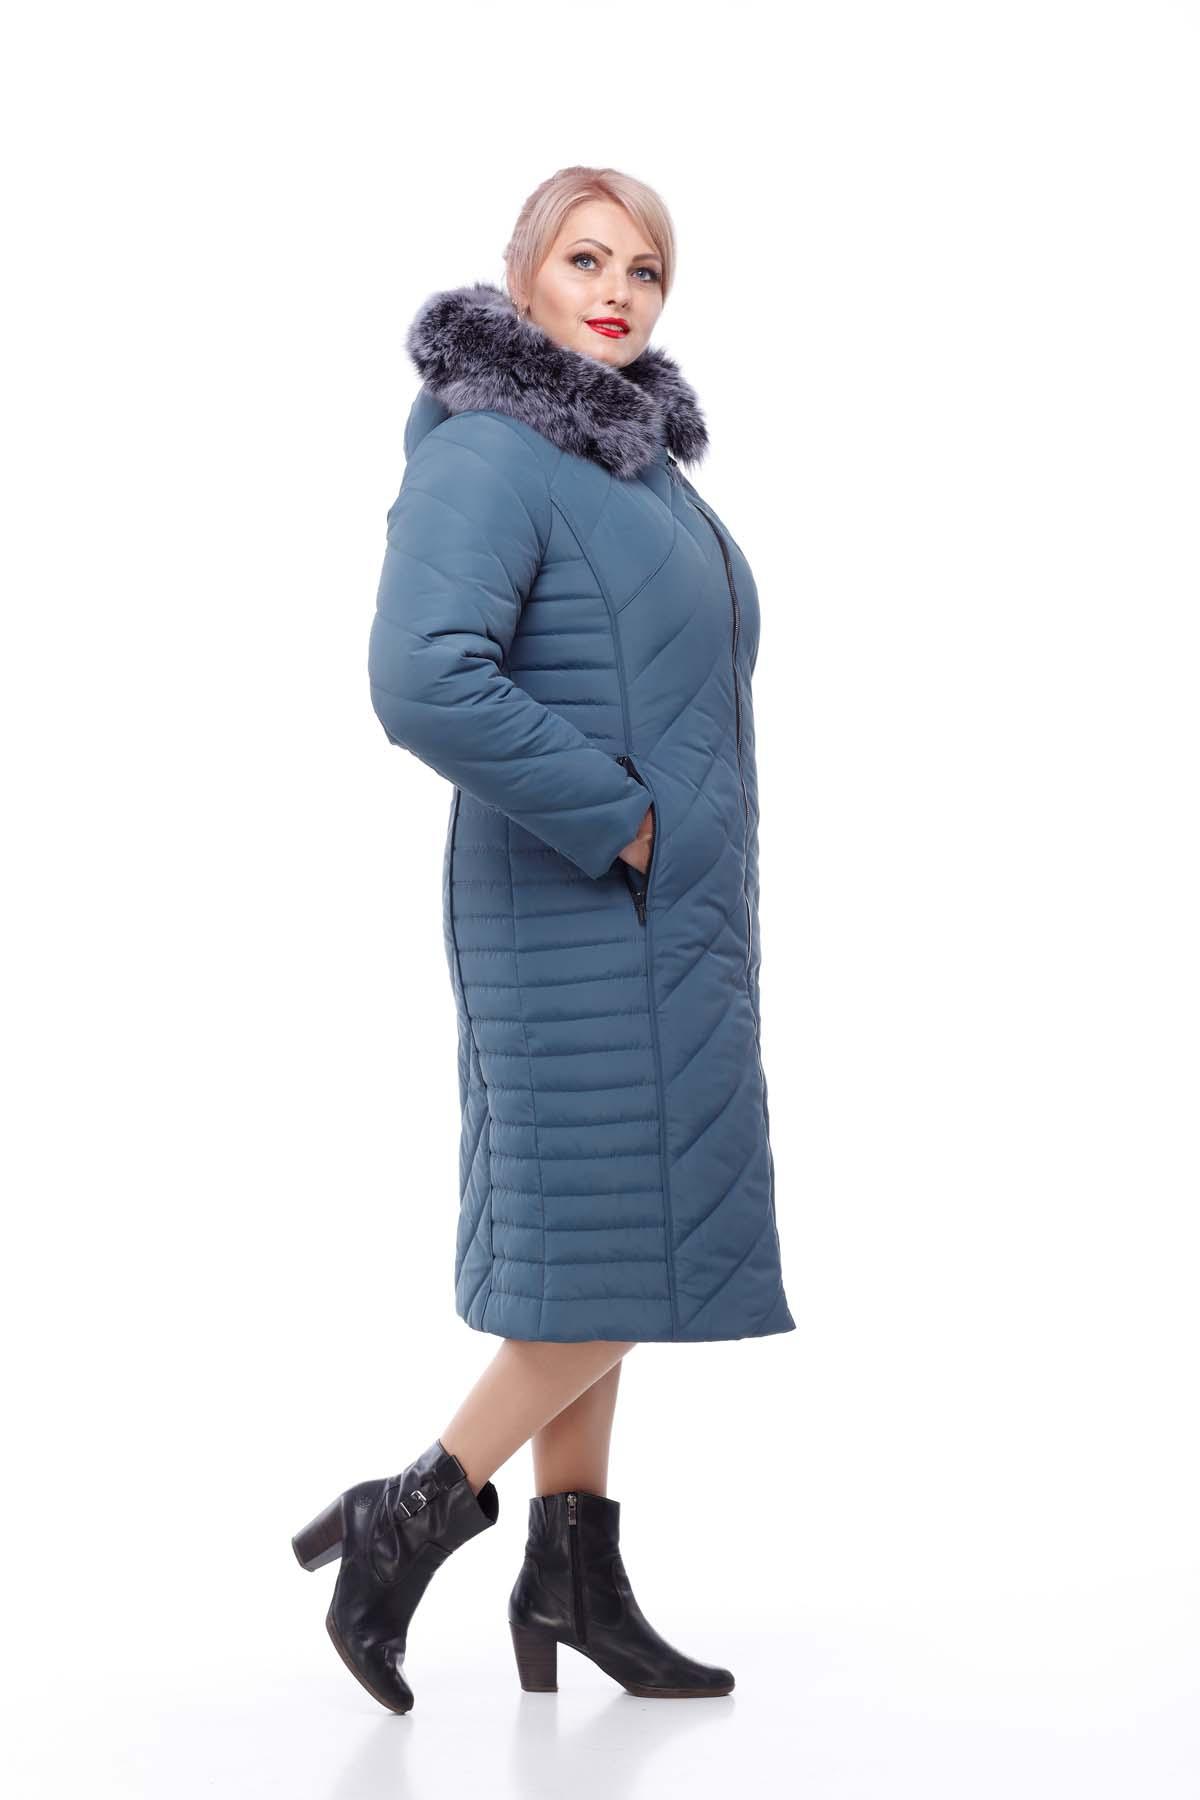 Зимове пальто Міра песець сіро-синій